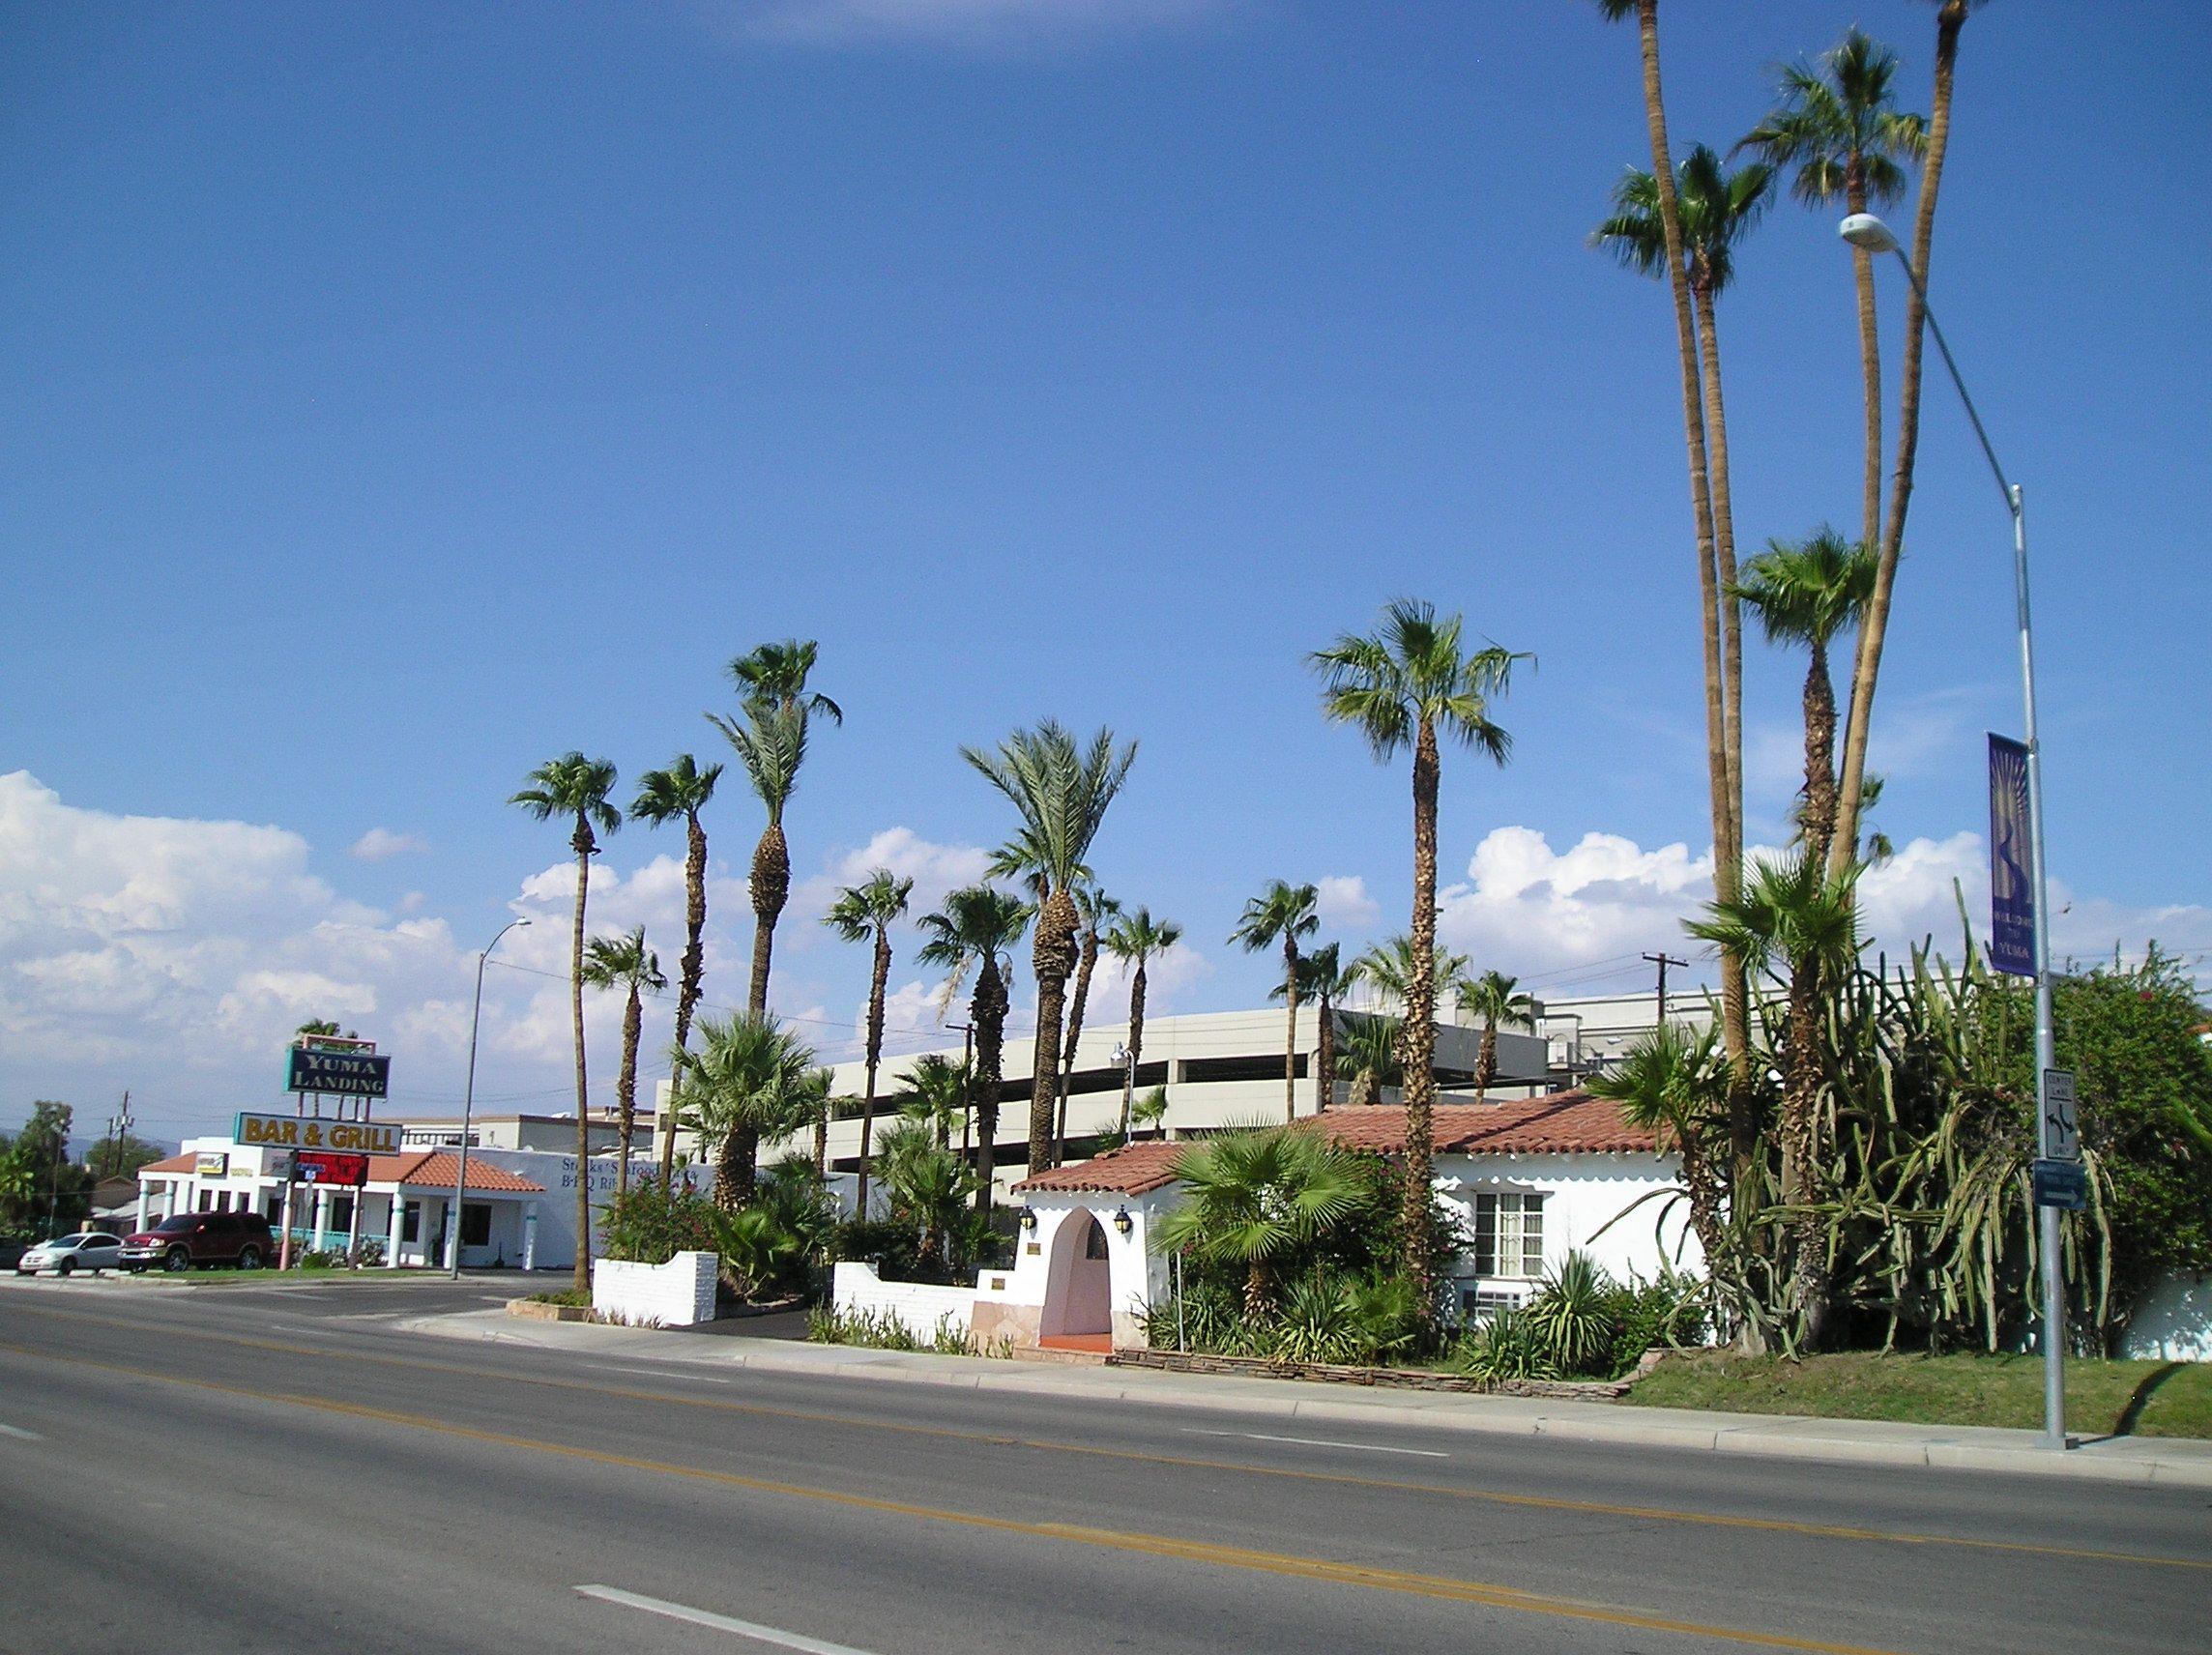 Historic Coronado Motor Hotel Built 1938 Yuma Arizona Hotel Building Historical Sites Yuma